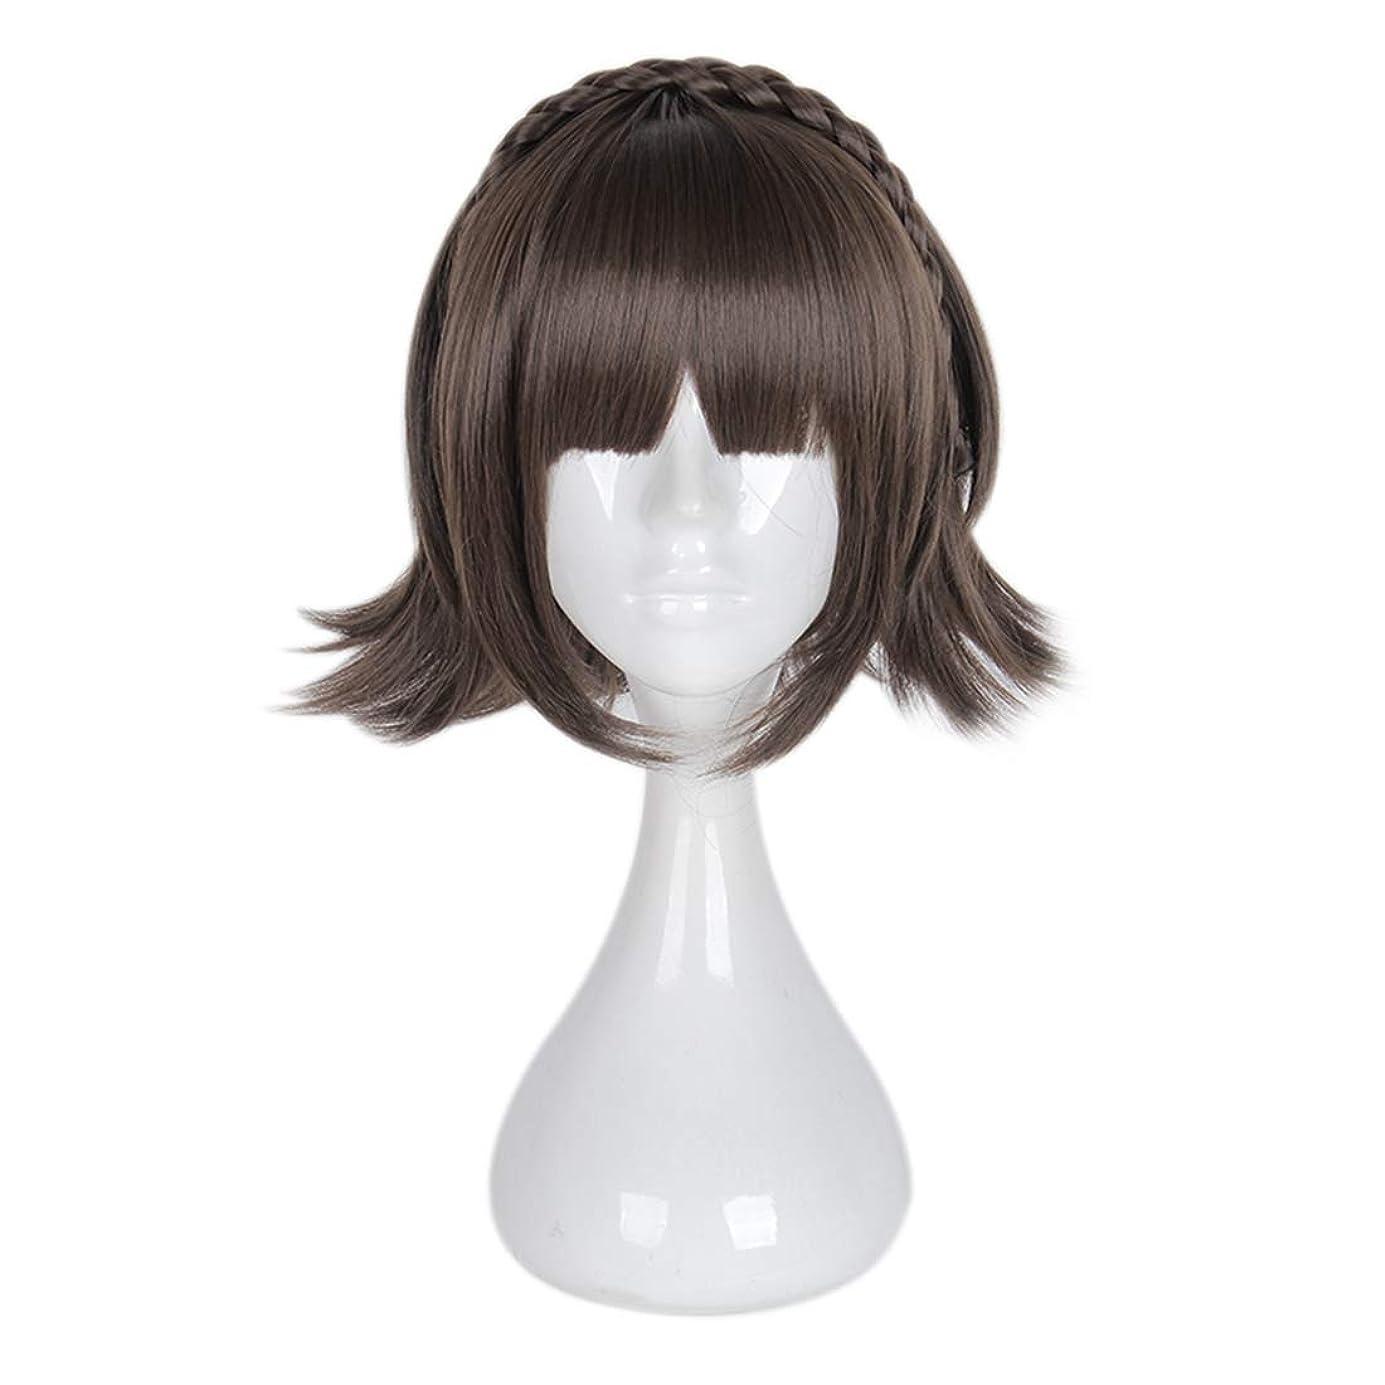 ペーストコイン見えるJIANFU 少女チー劉ハイファツイストショートヘアコスプレウィッグスーパーかわいいアンチワーピングヘア (Color : ブラウン)